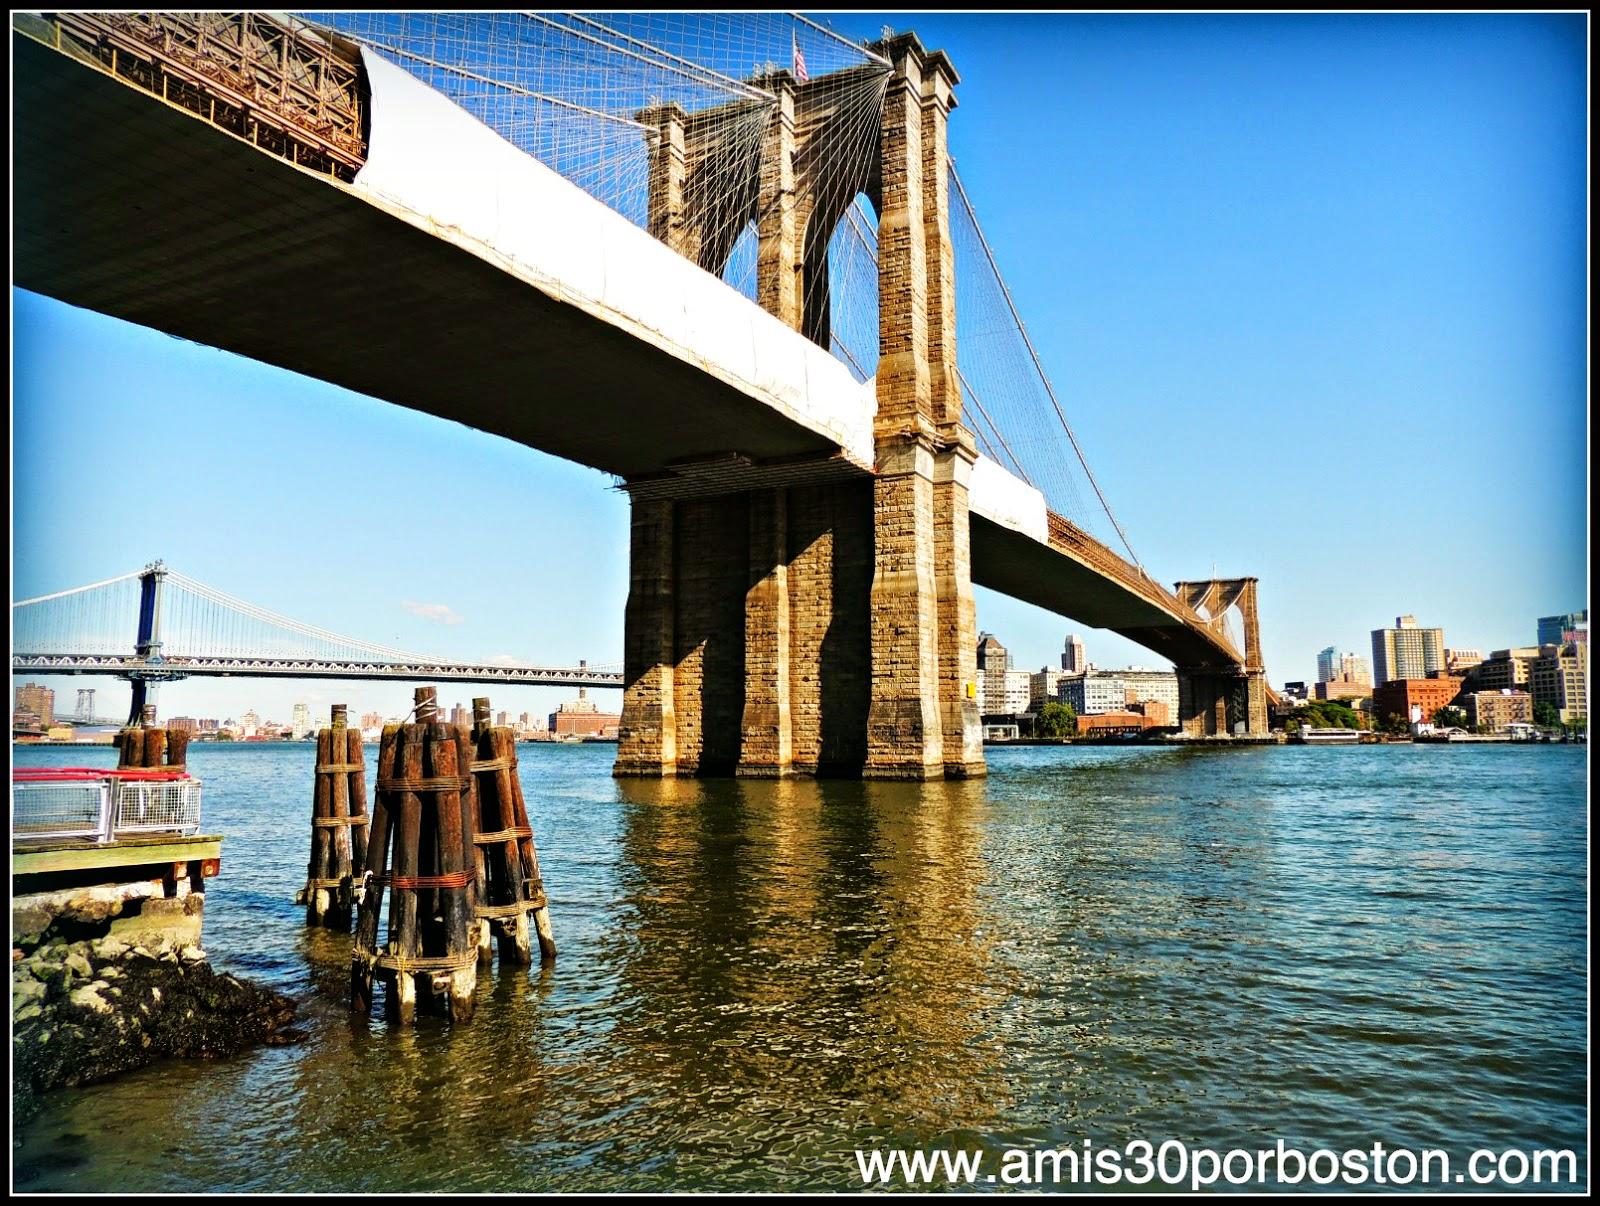 Segunda Visita a Nueva York: Puente de Brooklyn